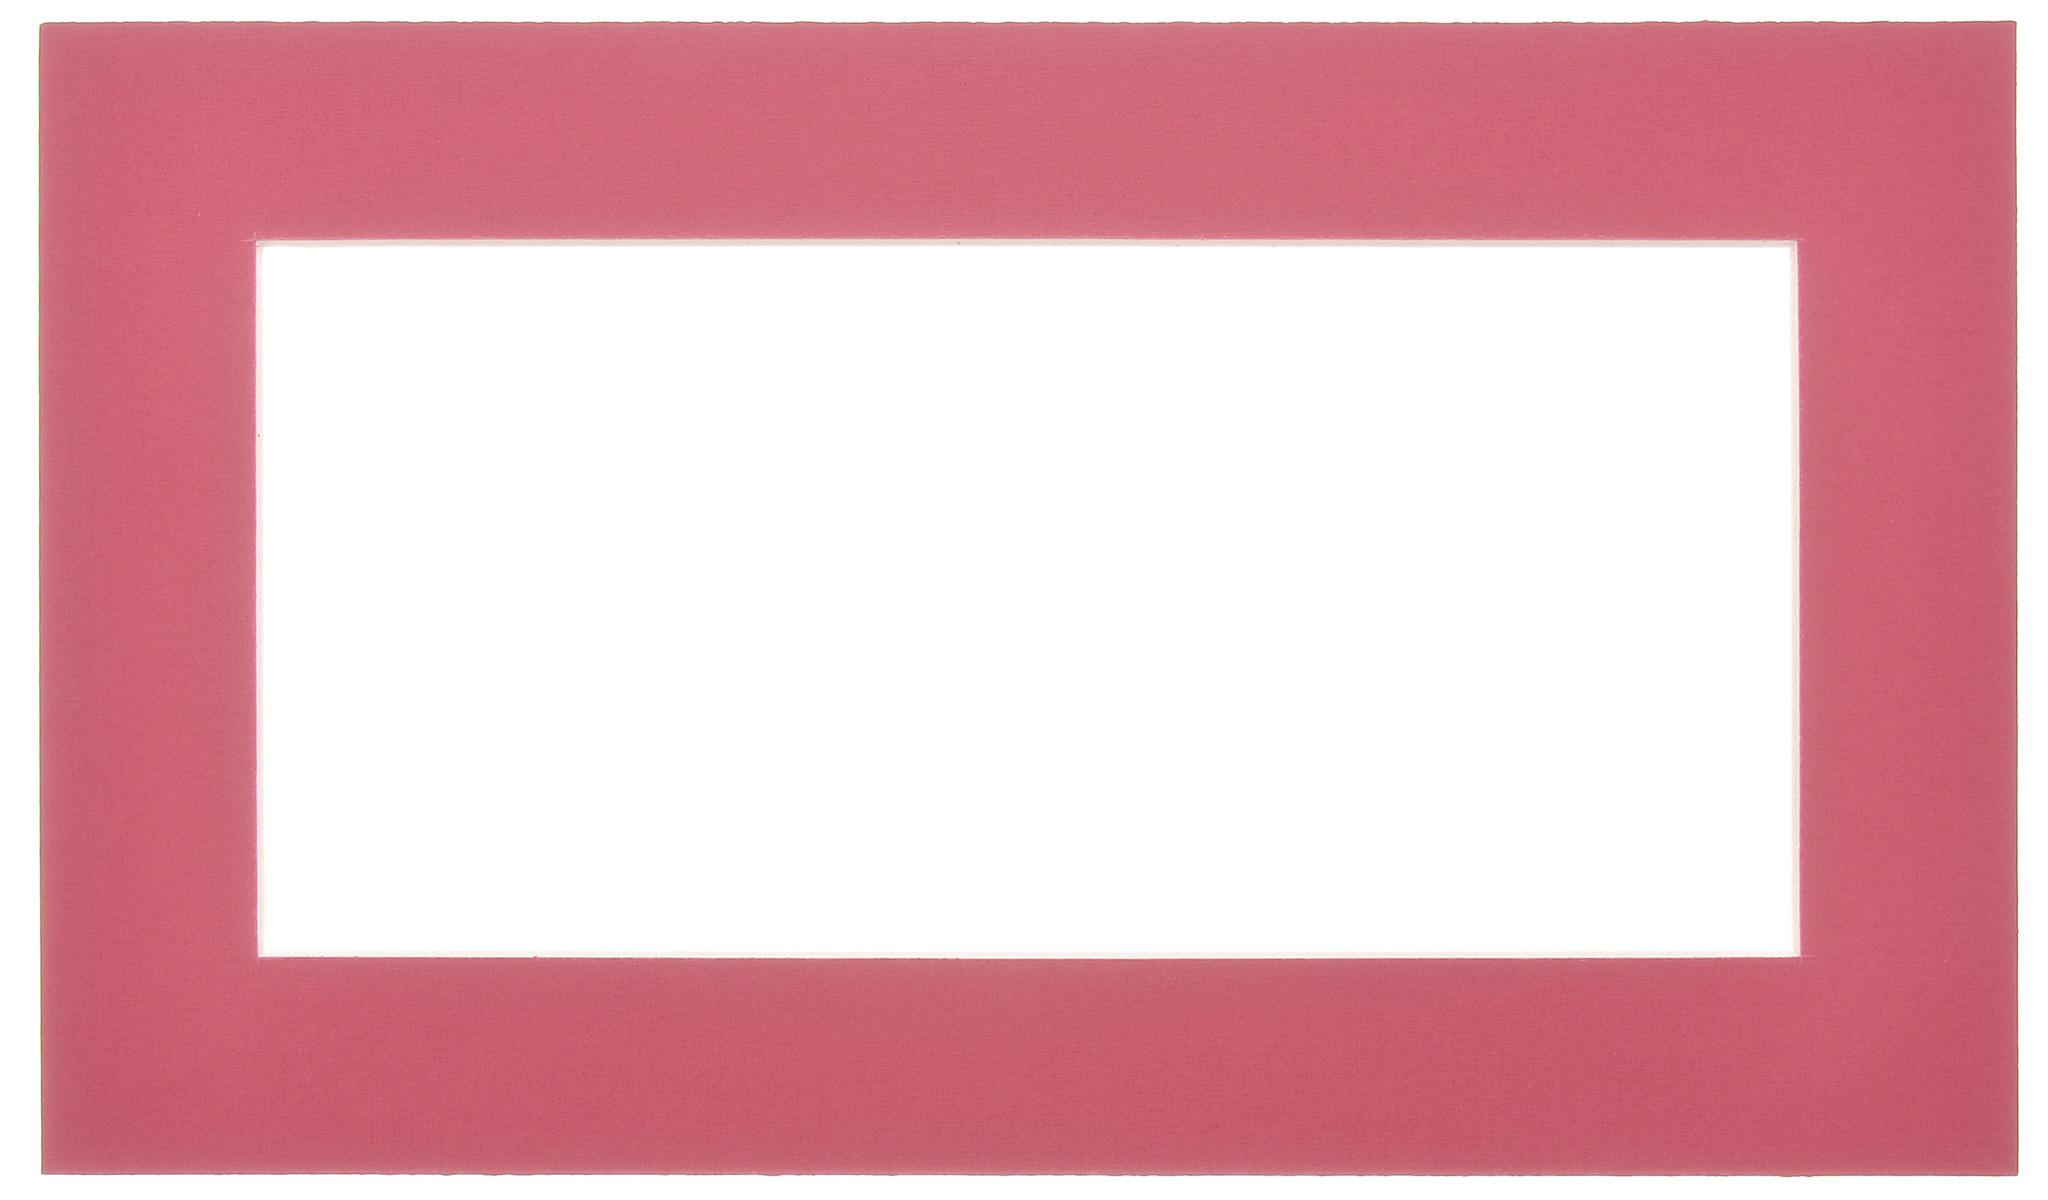 Паспарту Василиса, цвет: гранатовый, 14 см х 30 см581076Паспарту Василиса, изготовленное из плотного картона, предназначено для оформления художественных работ и фотографий. Оно располагается между багетной рамой и изображением, делая акцент на фотографии, усиливая ее визуальное восприятие. Кроме того, на паспарту часто располагают поясняющие подписи, автограф изображенного. Внешний размер: 22 см х 38 см. Внутренний размер: 14 см х 30 см.